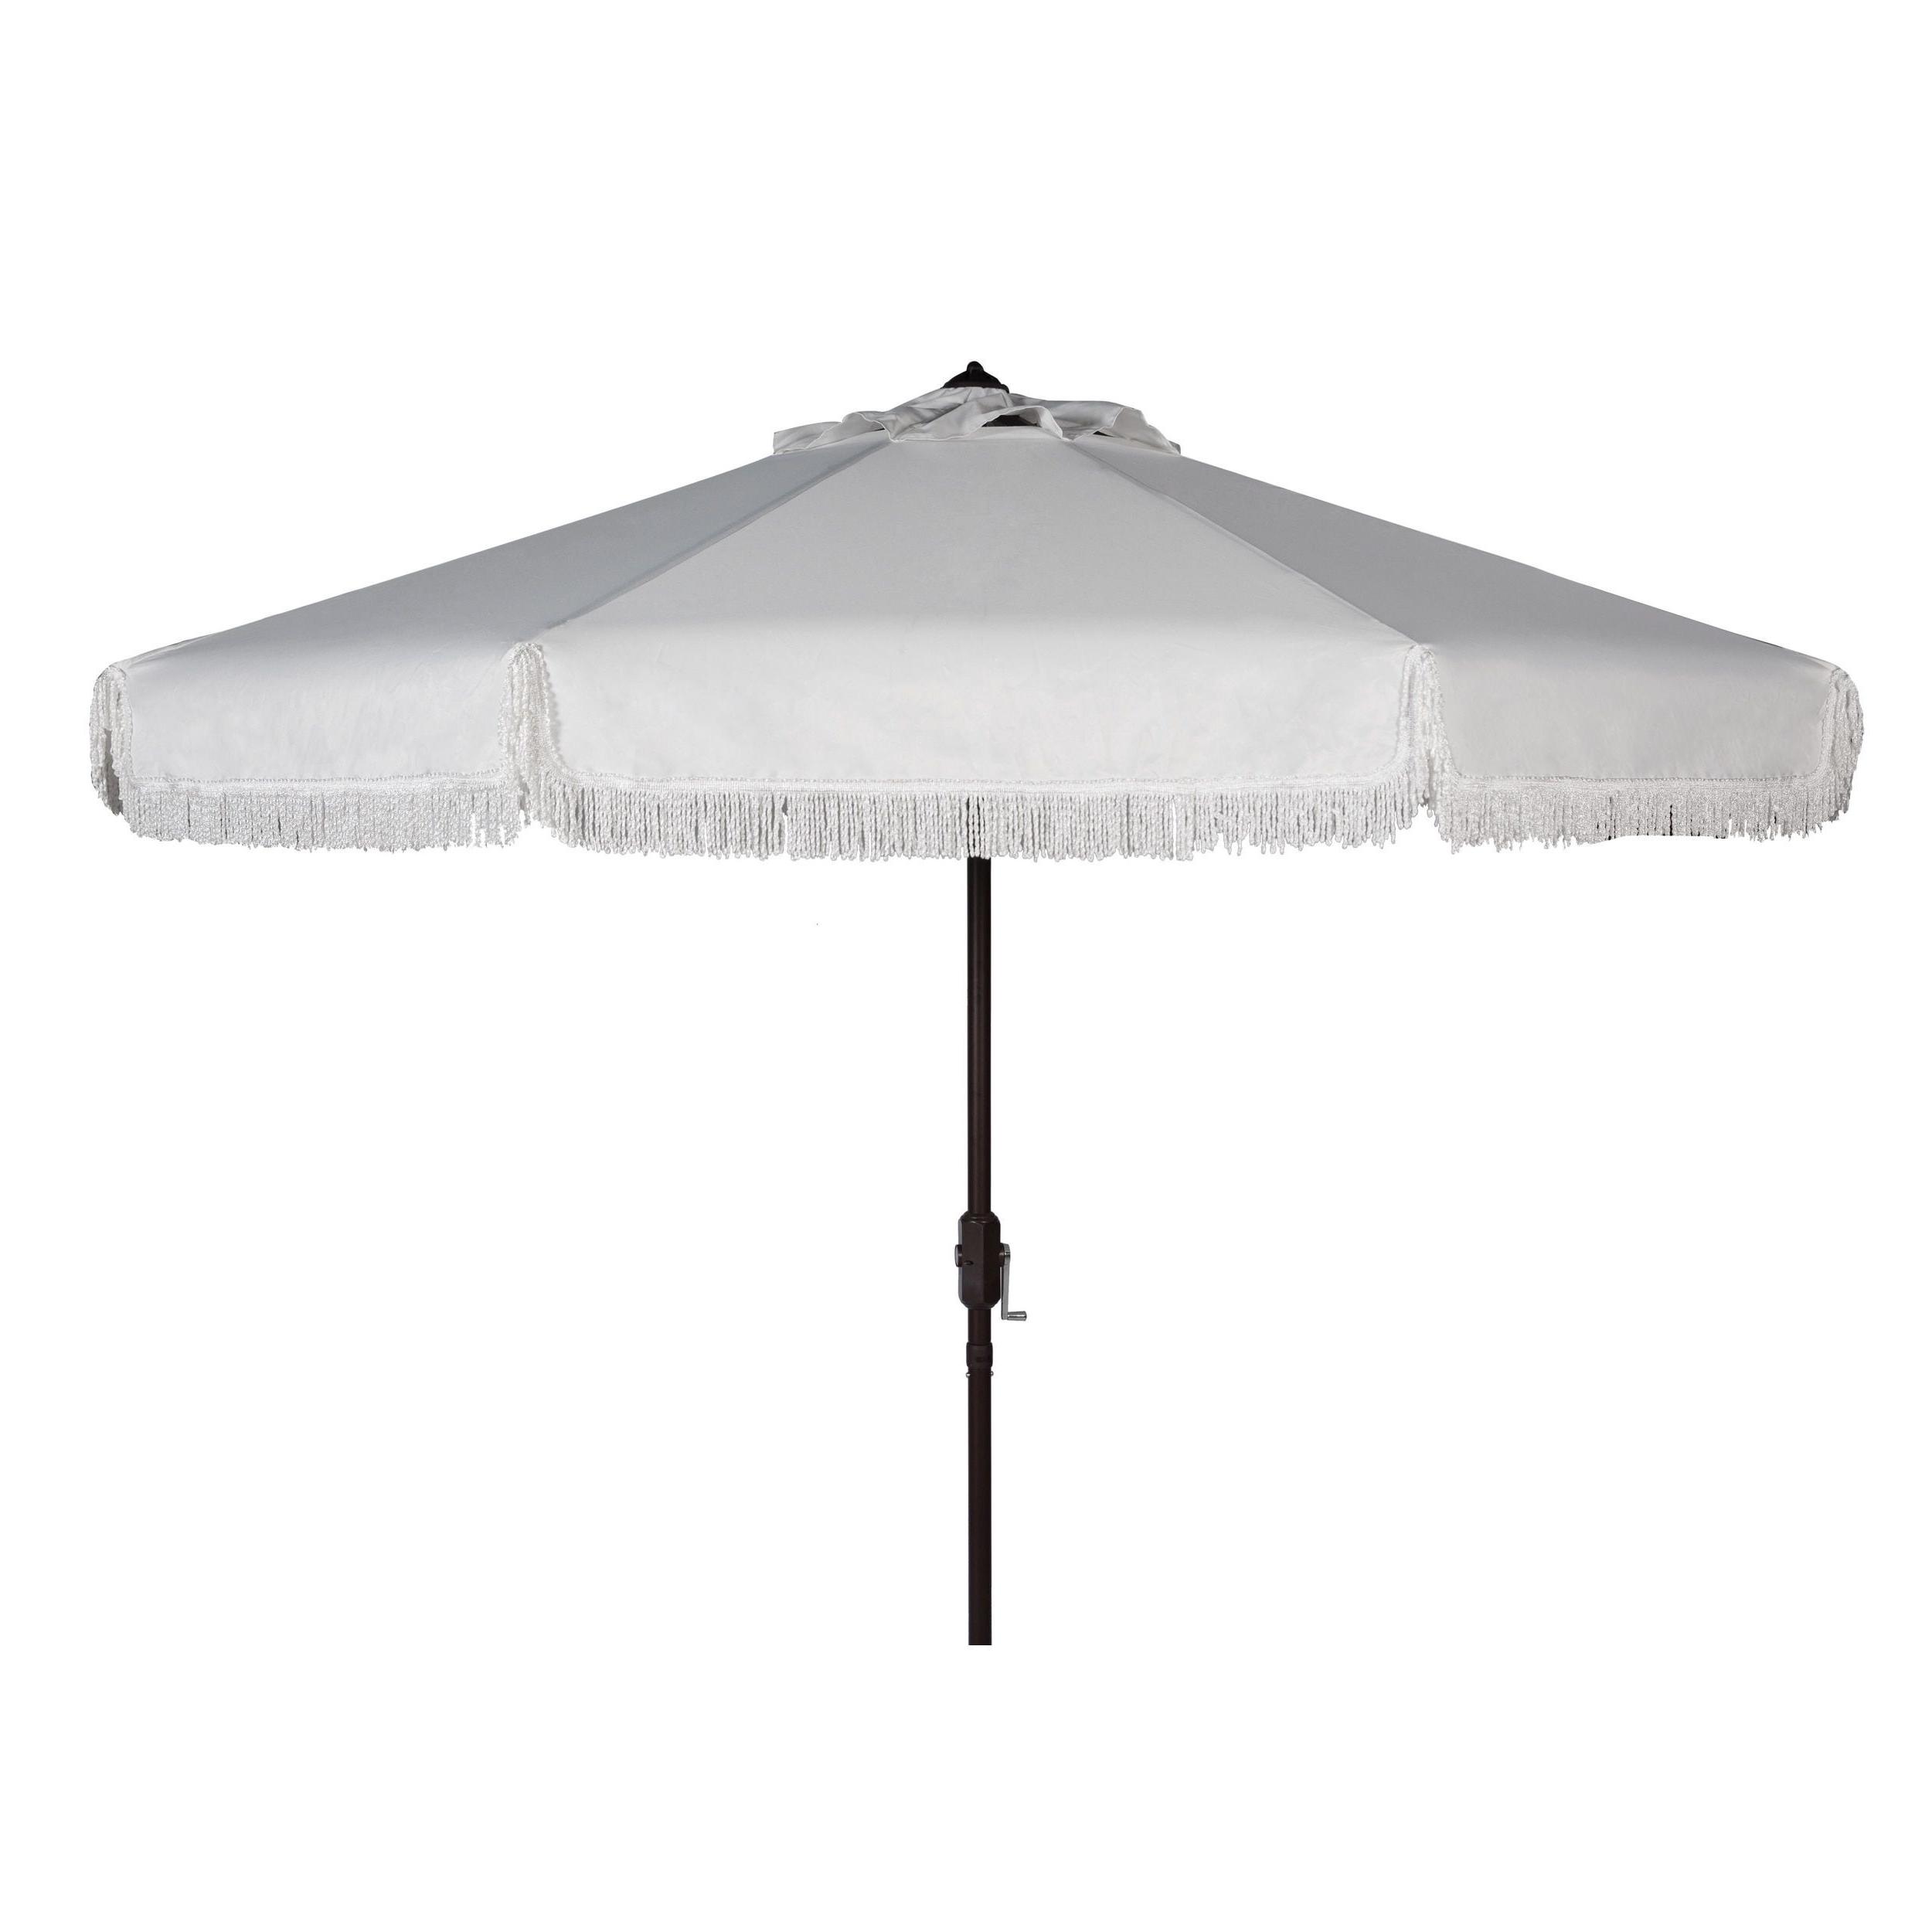 Trendy Drape Patio Umbrellas For Safavieh Milan Fringe 9 Ft Crank White Outdoor Umbrella (pat8008c (View 10 of 20)